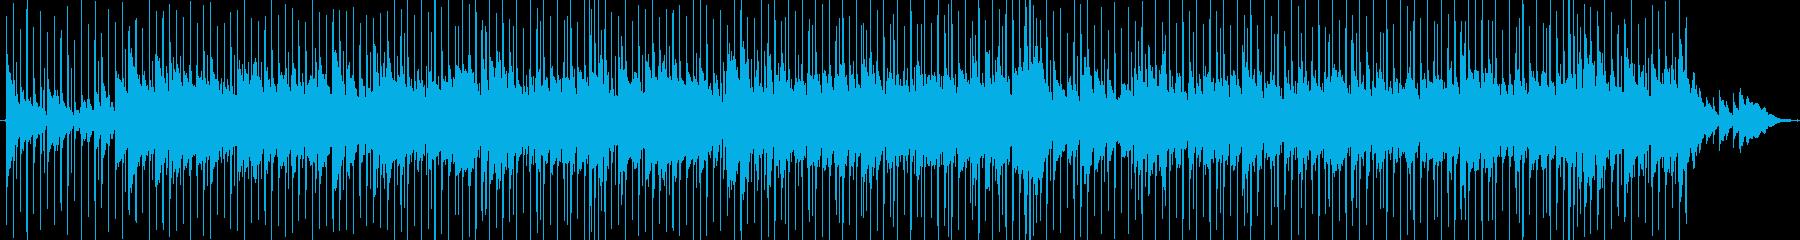 オルガン、チャイム、ボンゴ、ピアノ...の再生済みの波形